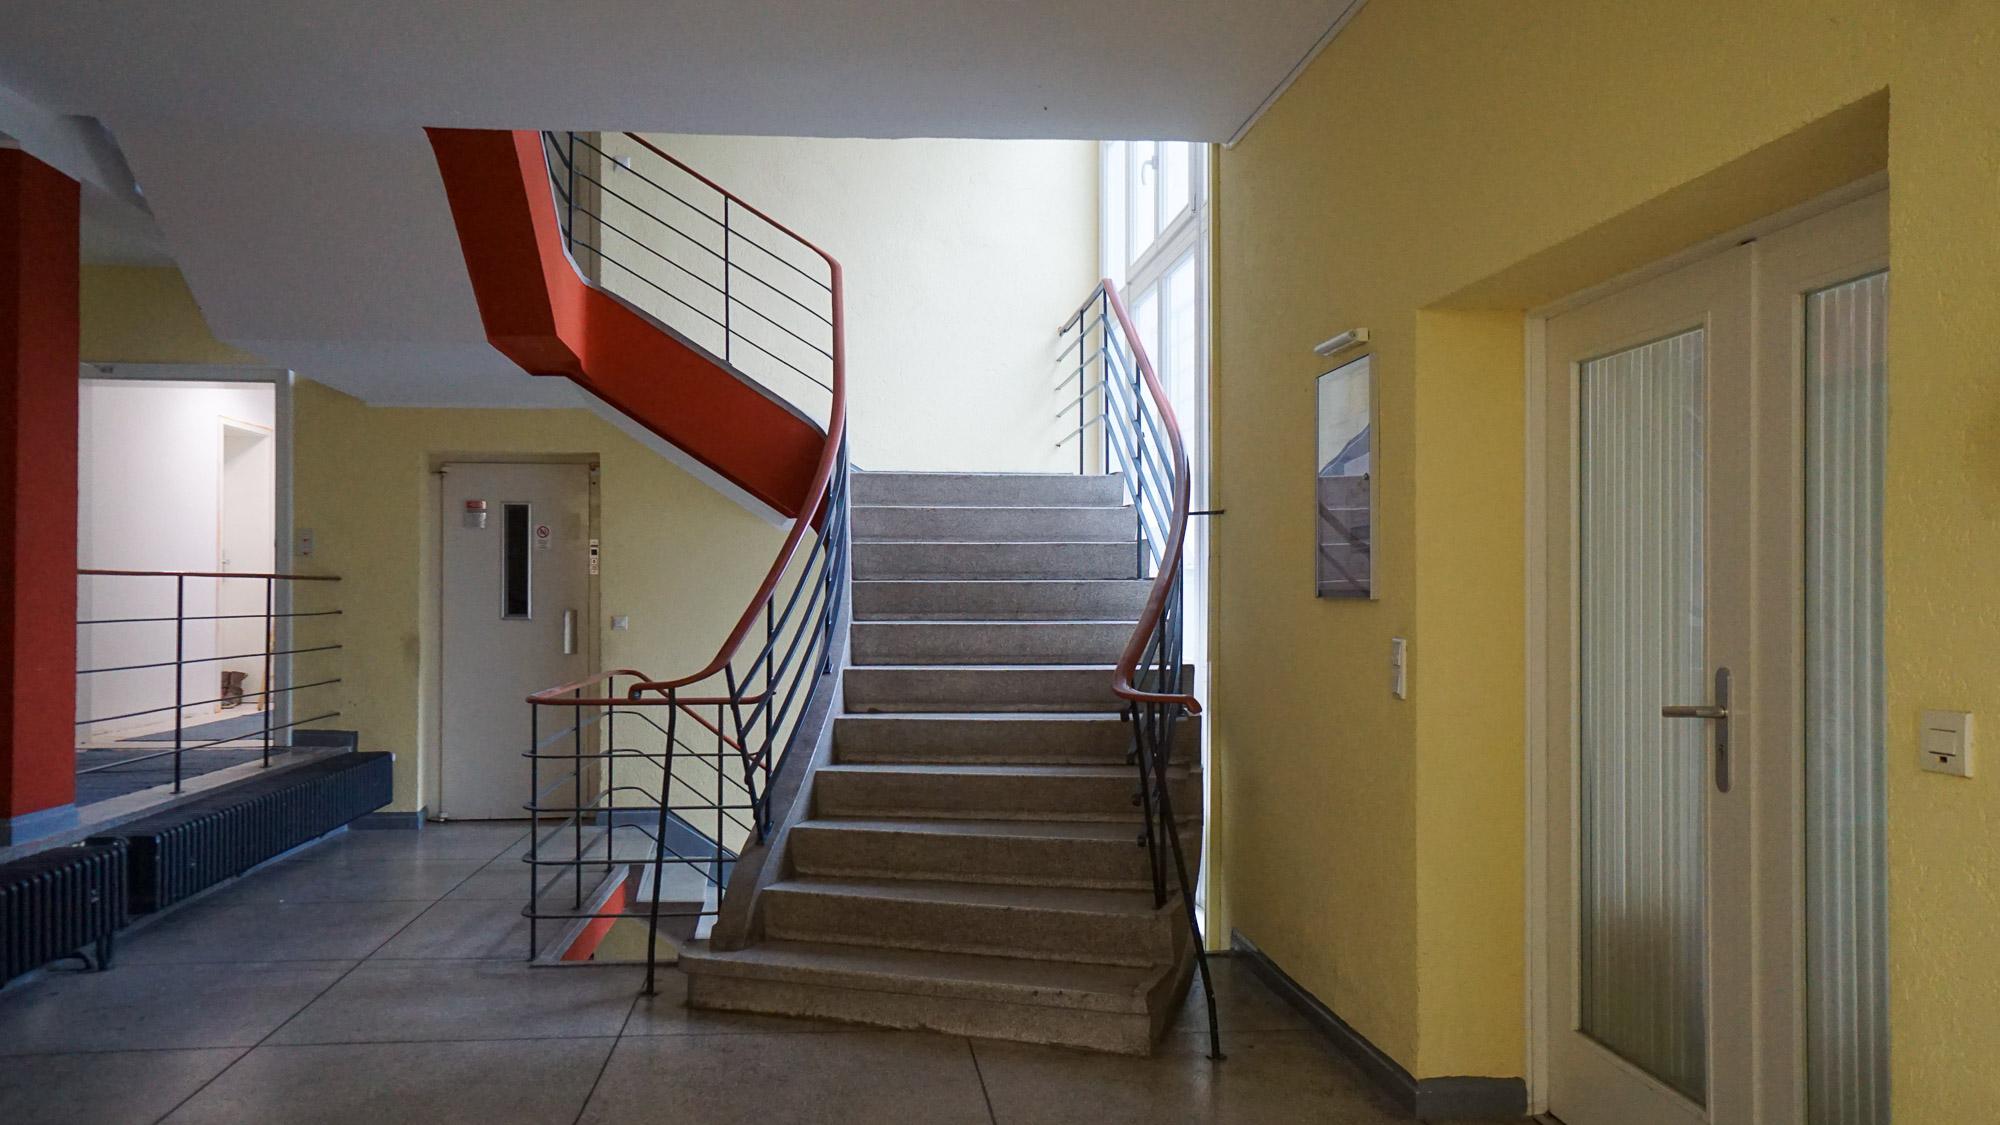 Treppenhaus eines Wohnhauses mit gelben Wänden sowie rot abgesetztem Geländer